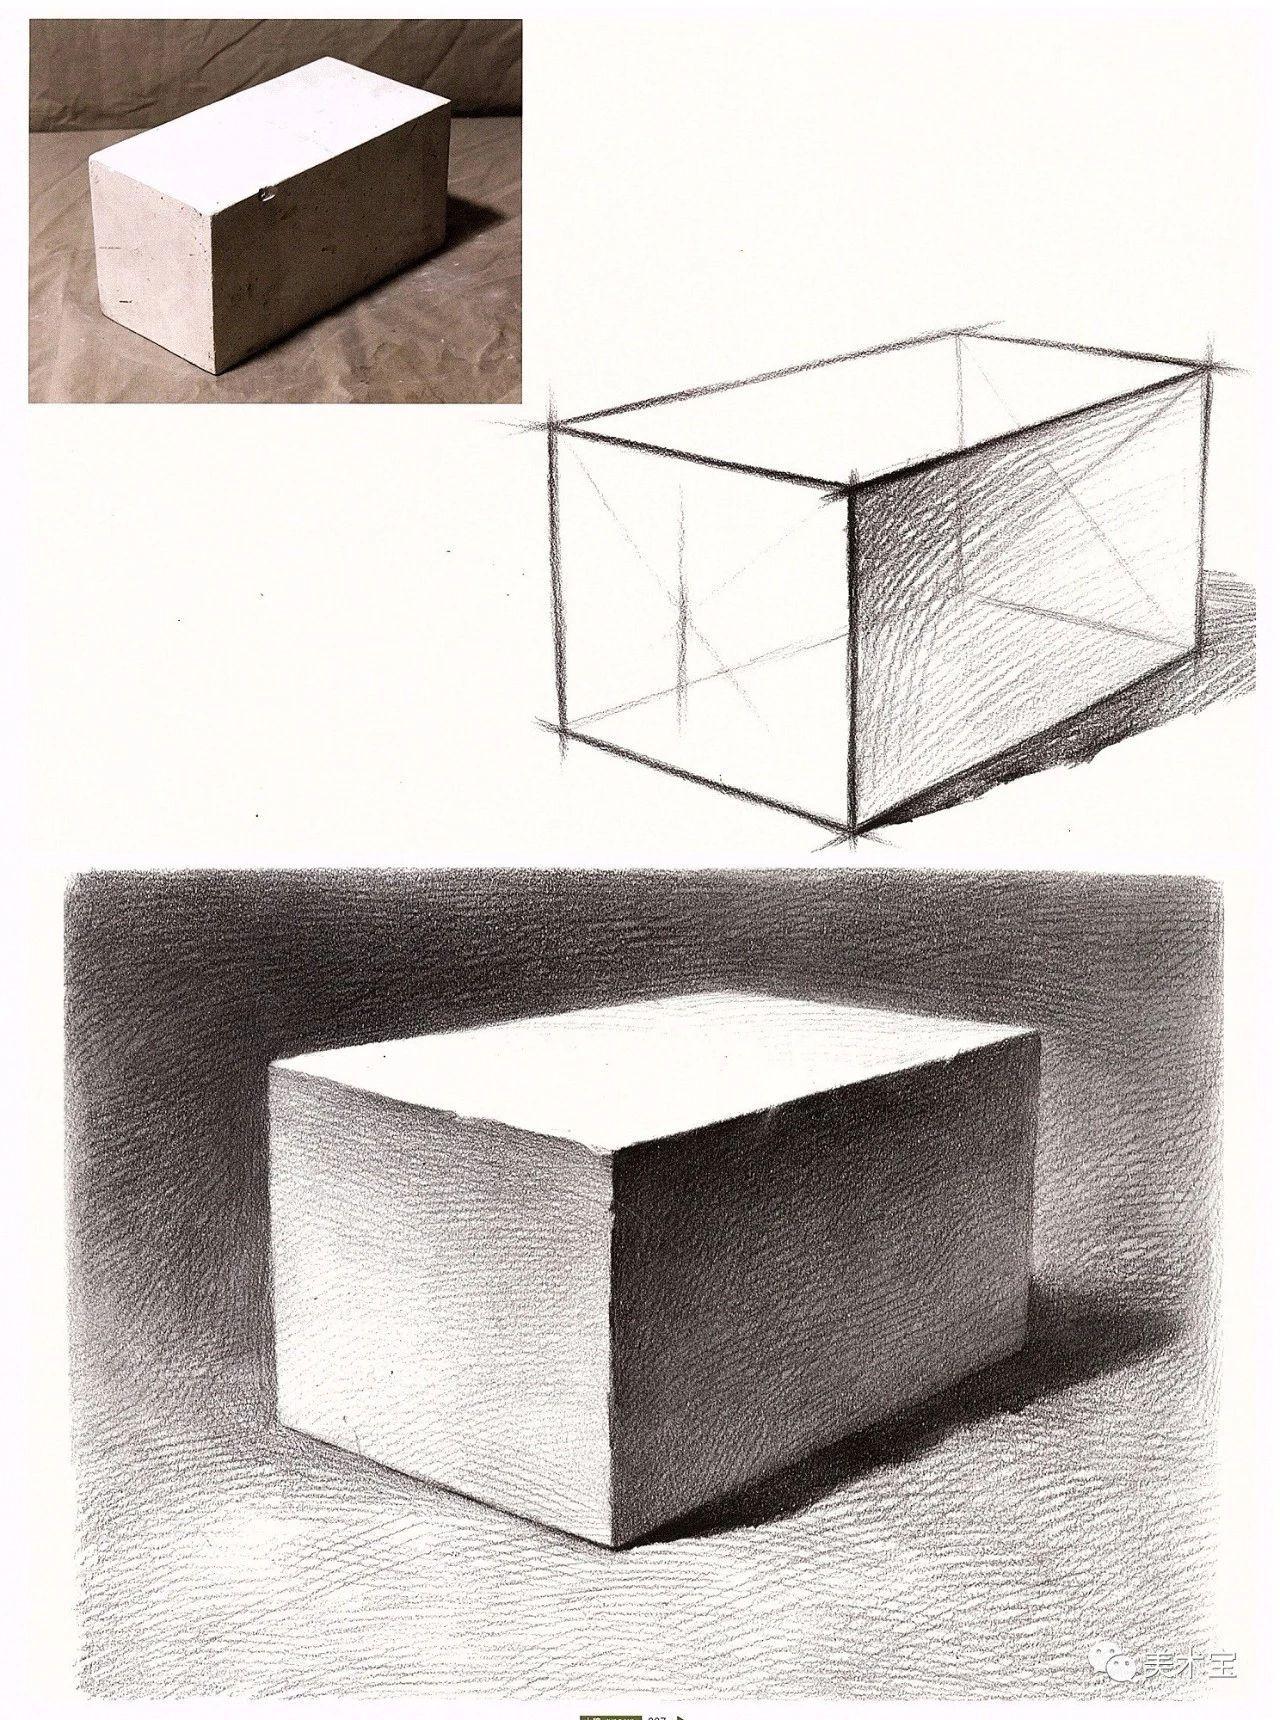 素描圆柱几何体结构图